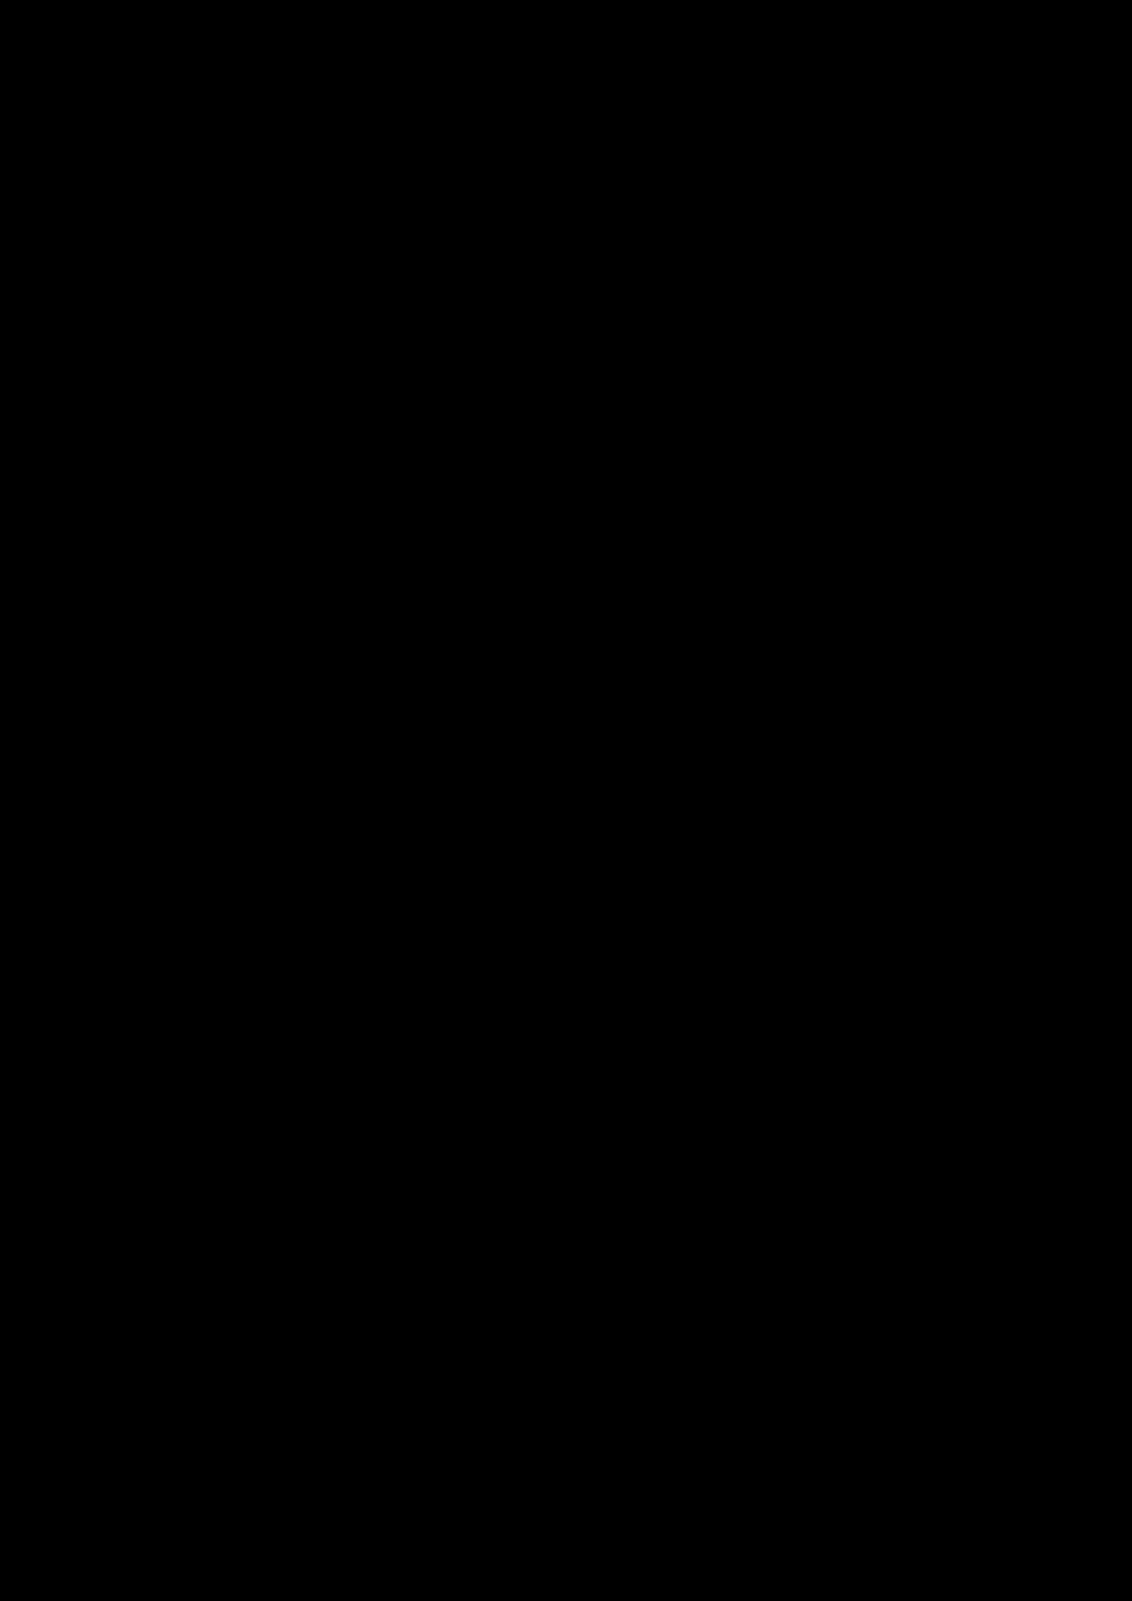 Prolog slide, Image 13